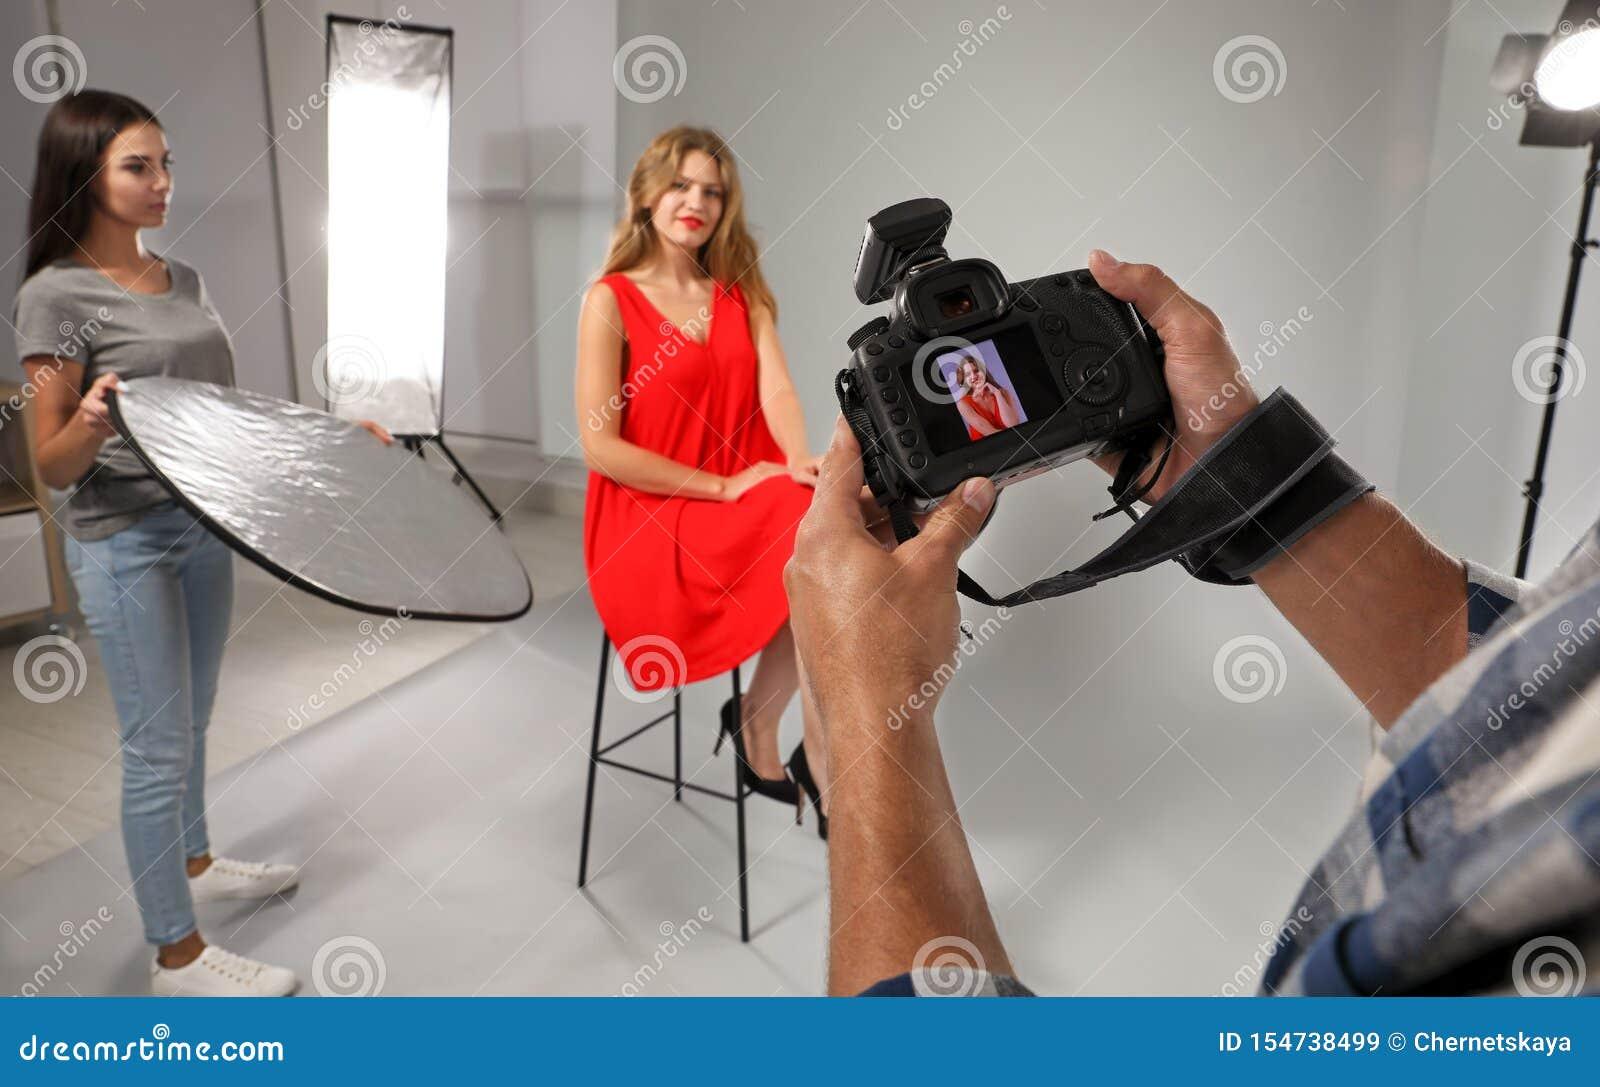 Professioneel fotograaf het herzien beeld op camera en model met medewerker